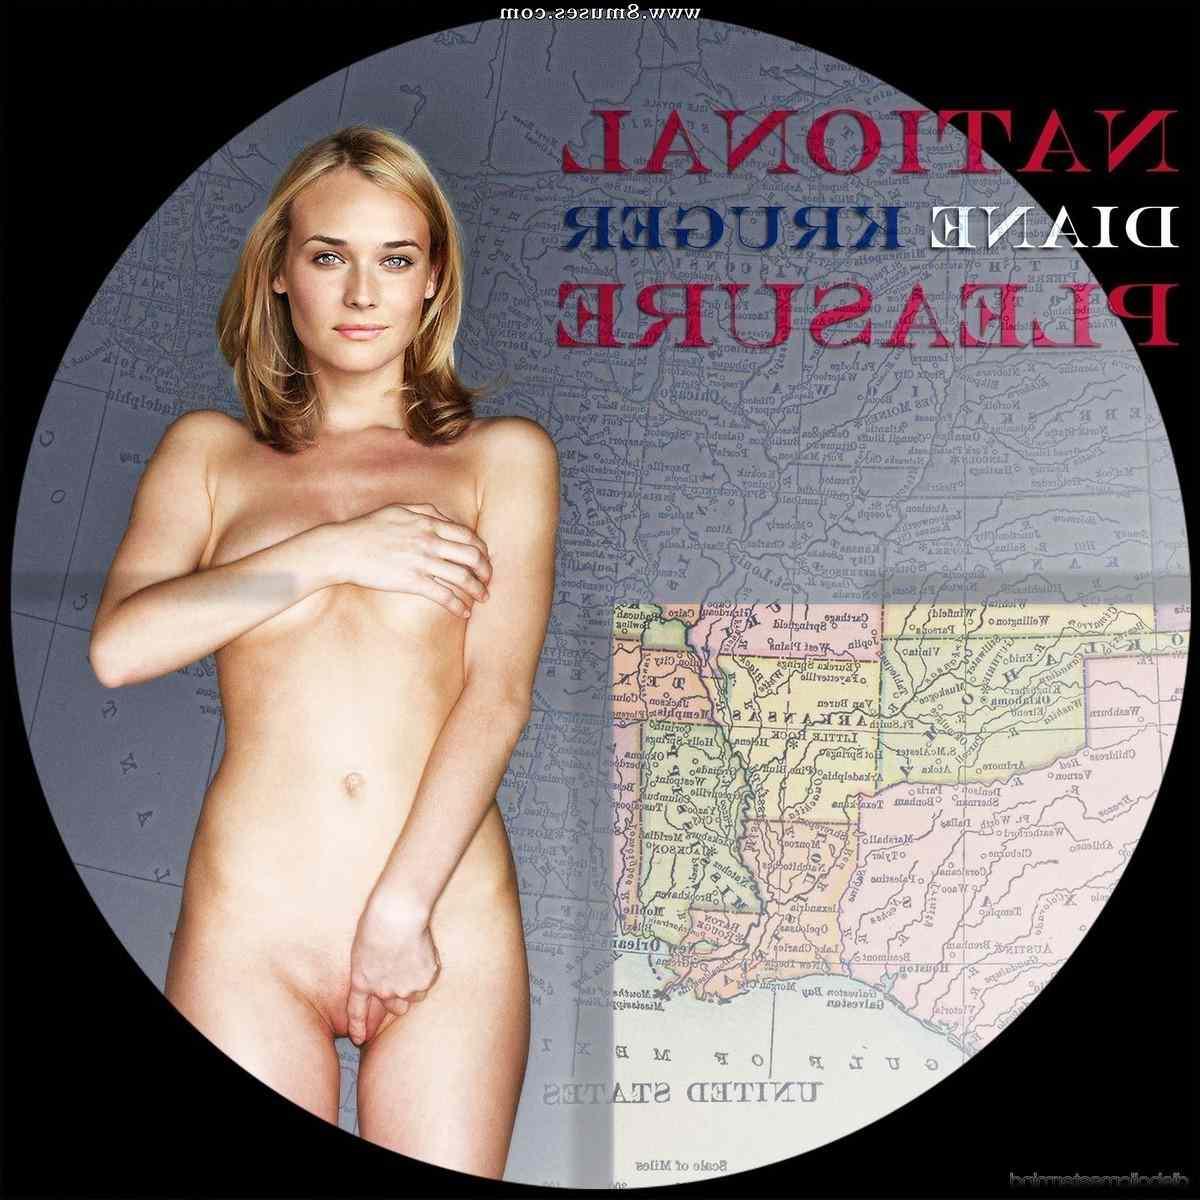 Fake-Celebrities-Sex-Pictures/Diane-Kruger Diane_Kruger__8muses_-_Sex_and_Porn_Comics_5.jpg